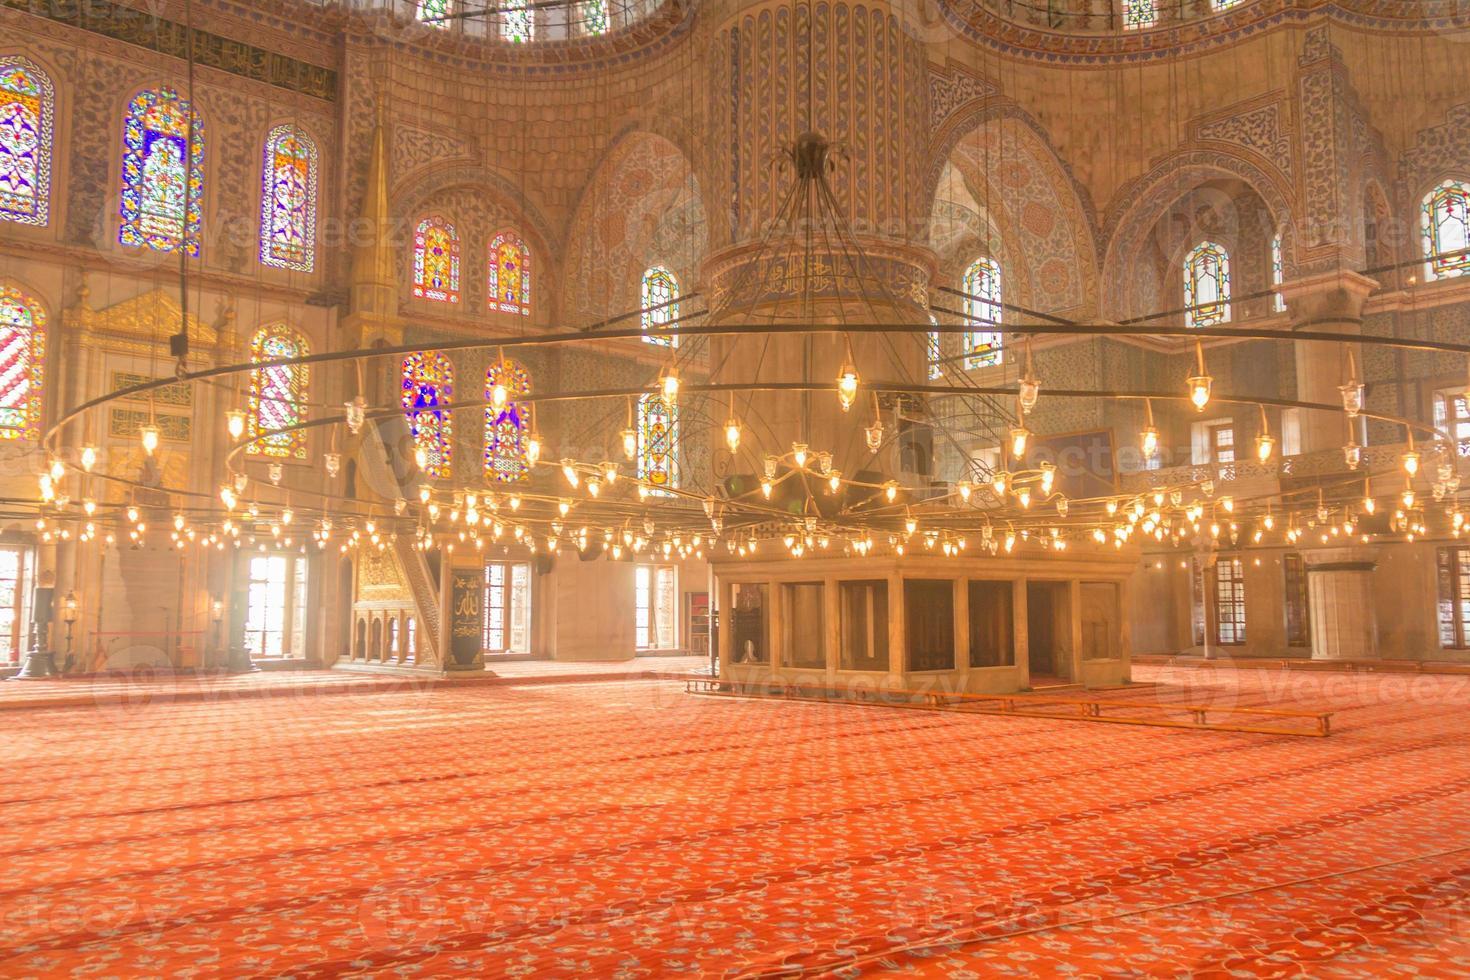 l'interno della moschea blu - Istanbul, Turchia foto